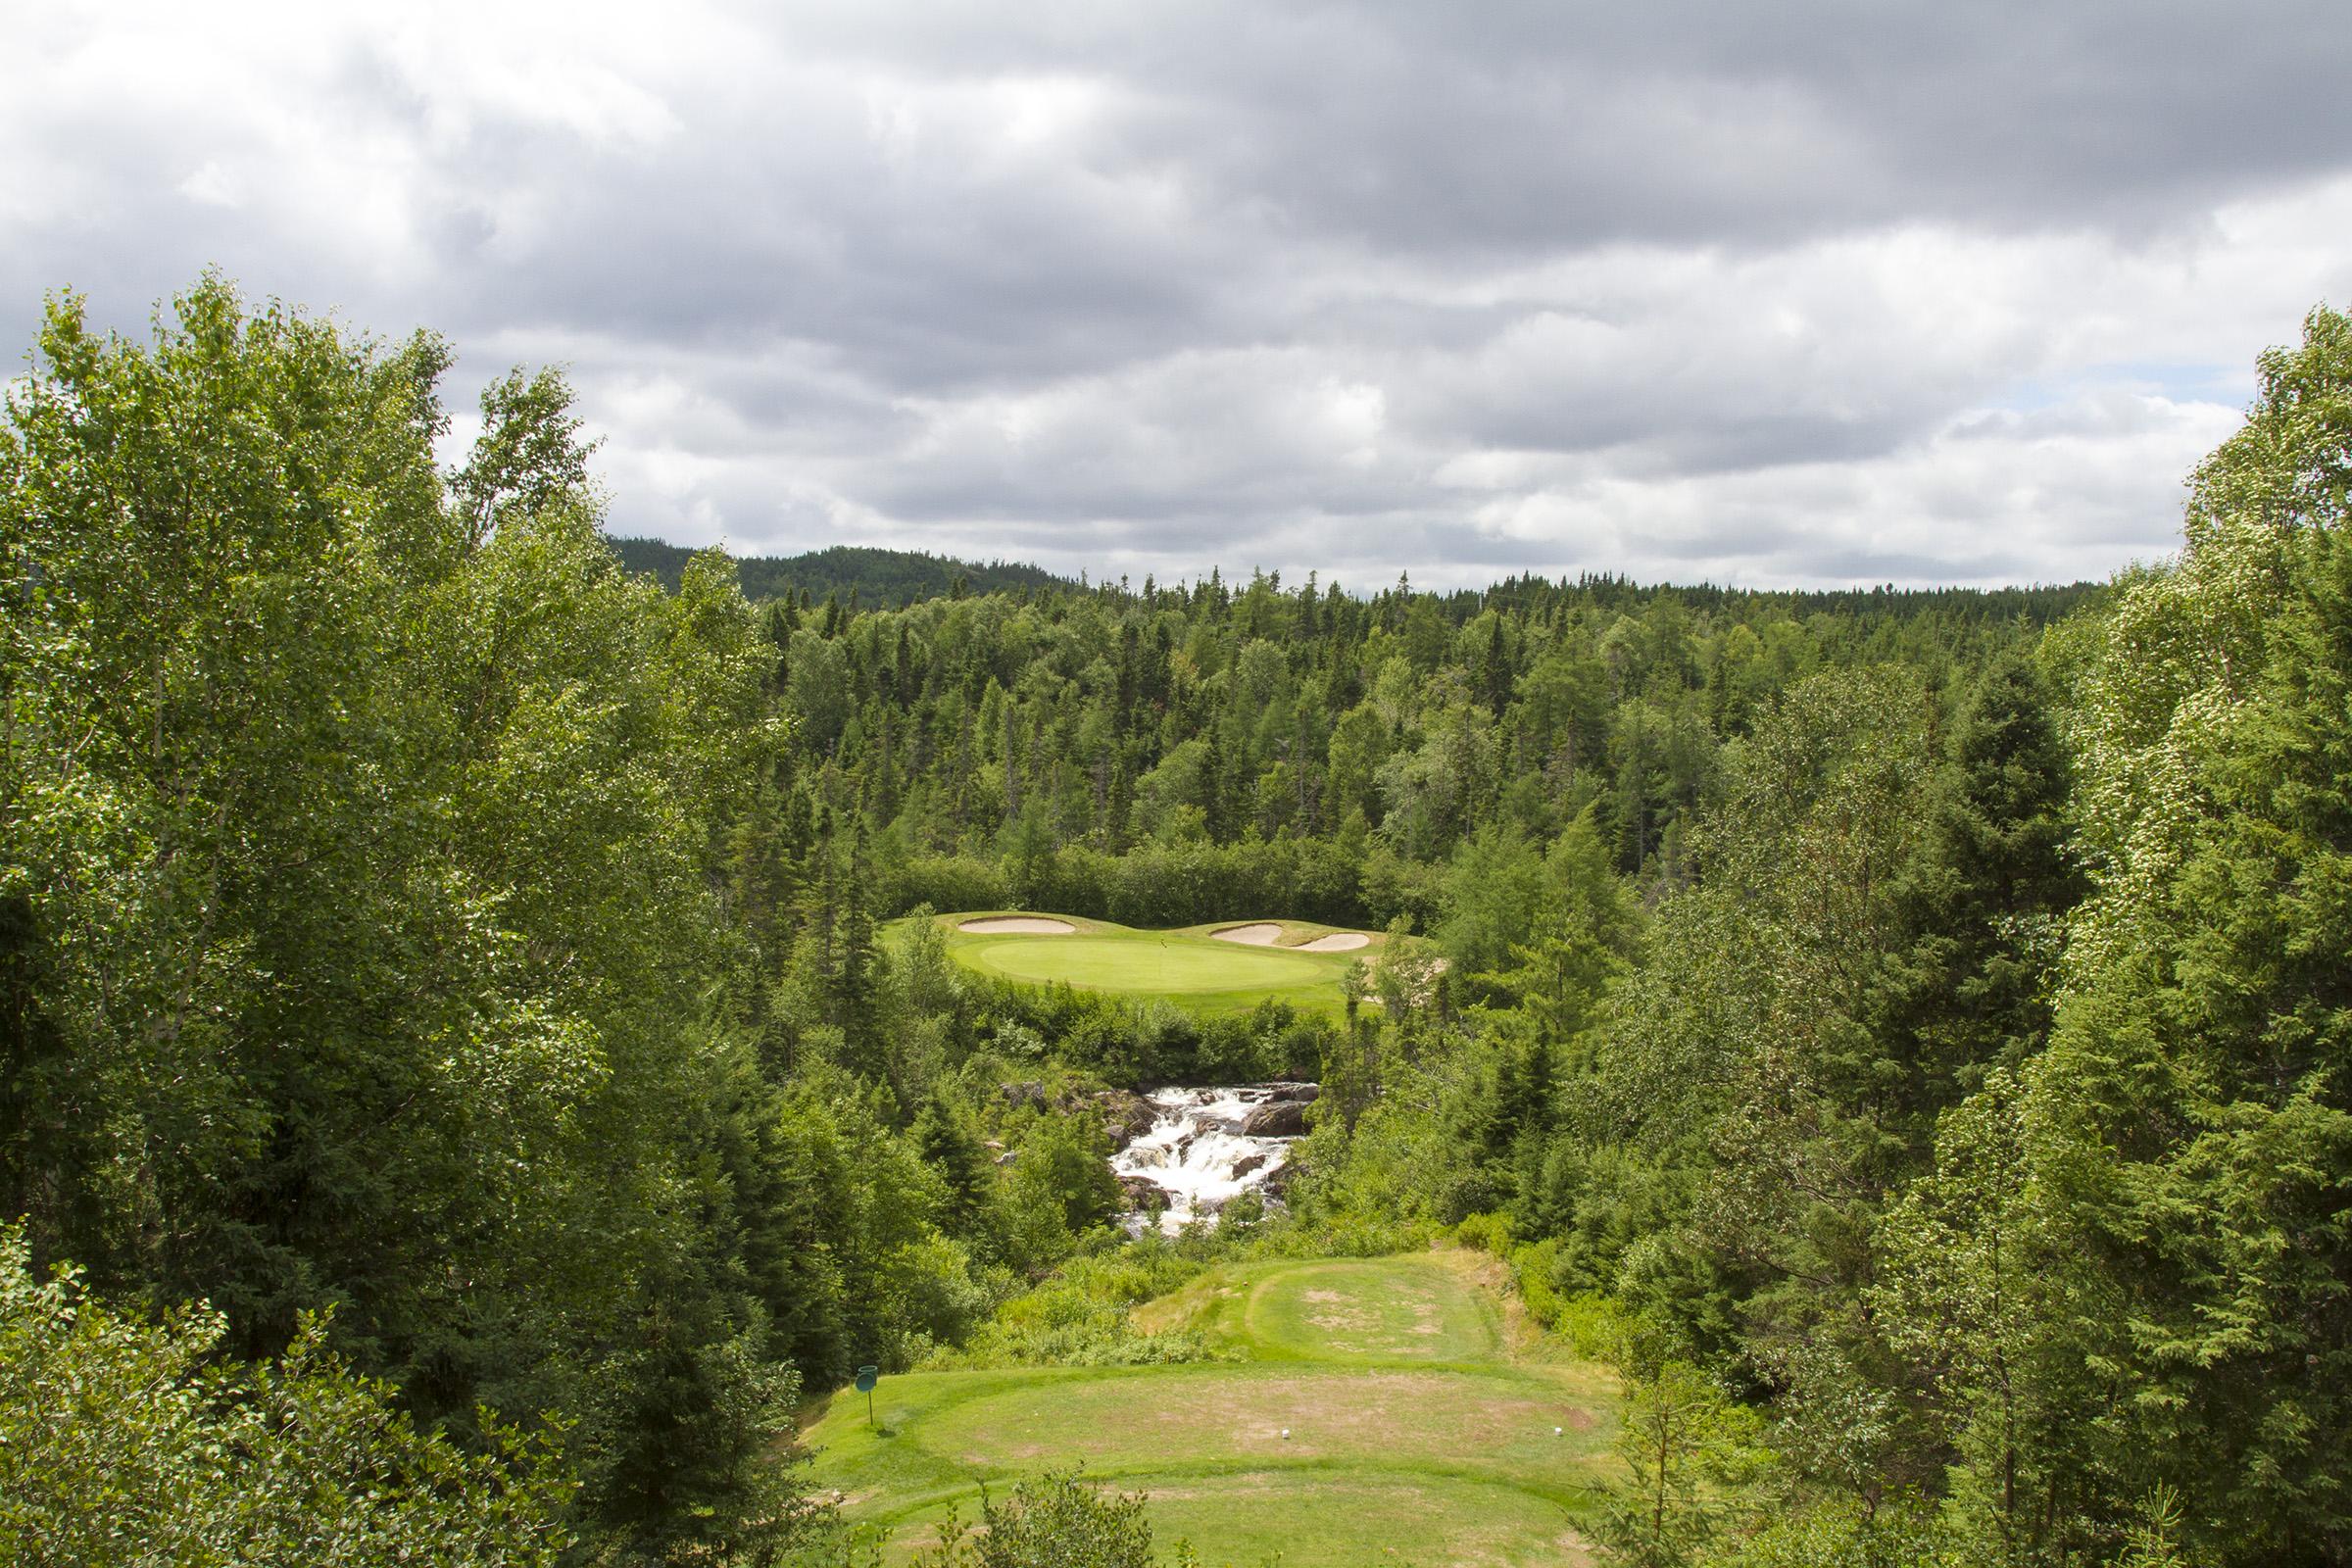 Golf course photo